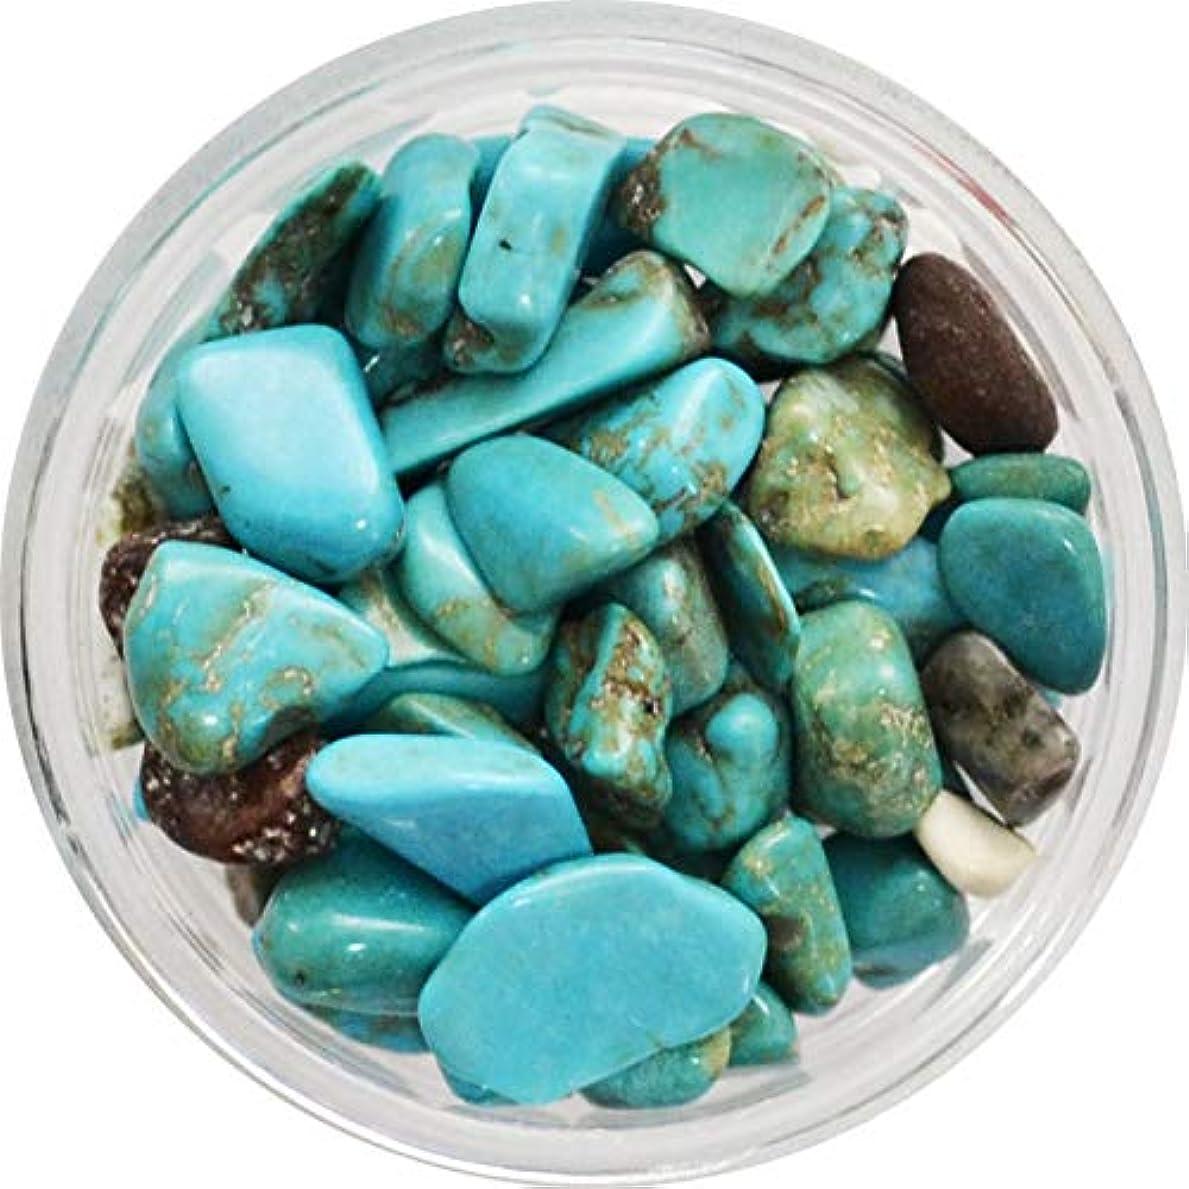 天然石のネイルパーツ Natural Stones 丸いプラスチックケース入り (ターコイズカラー)